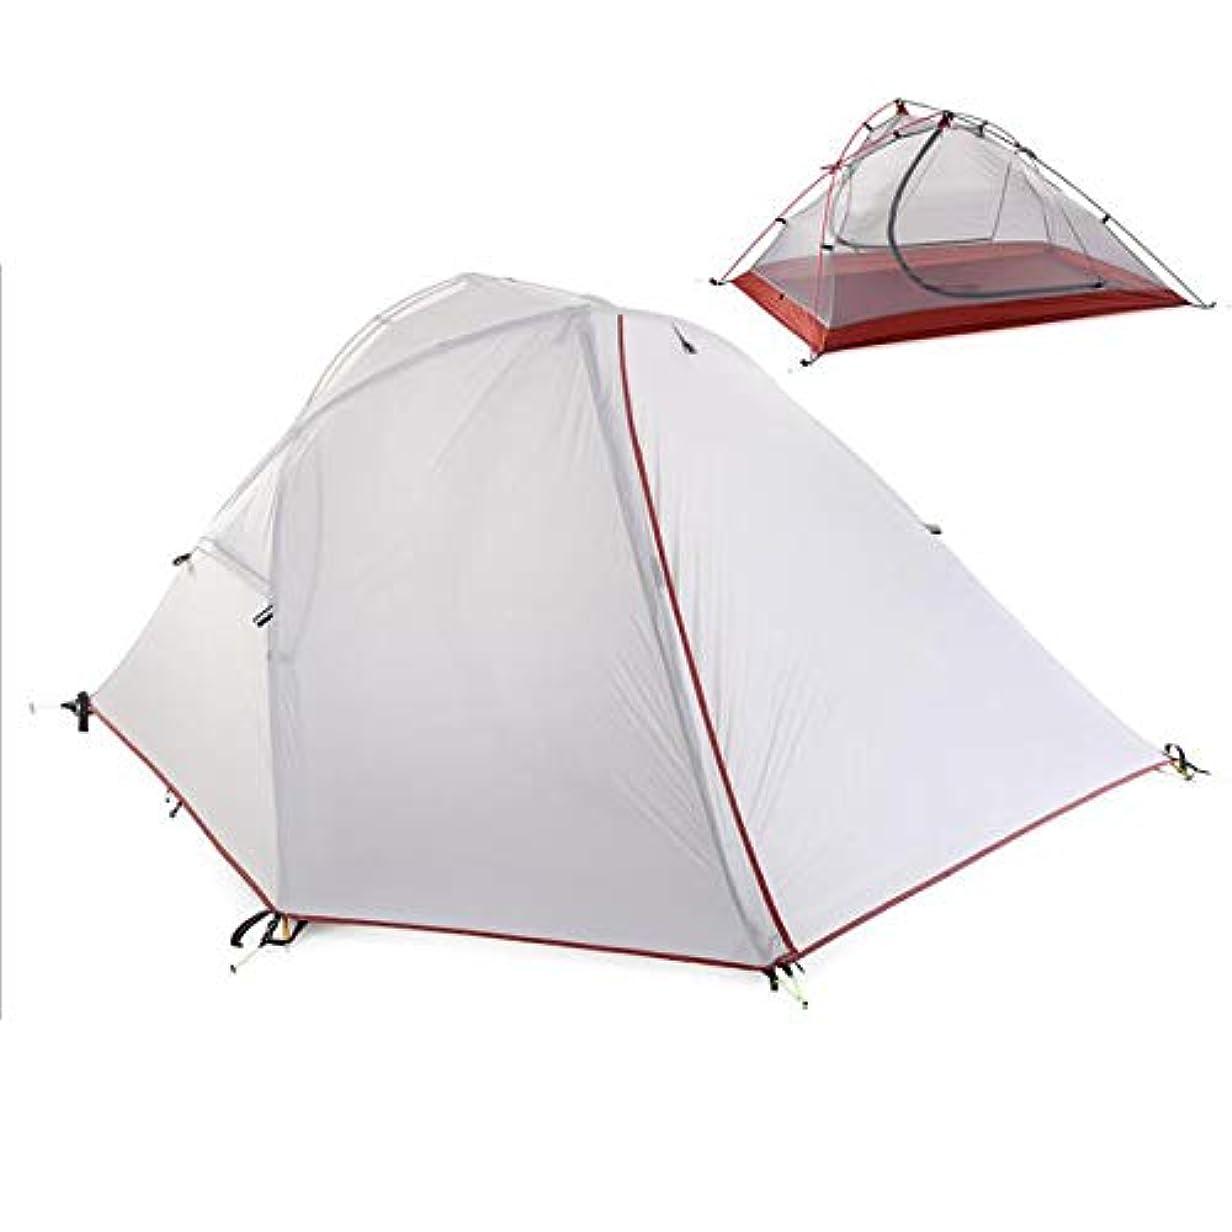 アルコール限られたモディッシュThree Seasons屋外テント、シングルキャンプ登山ダブル防風と防雨テント